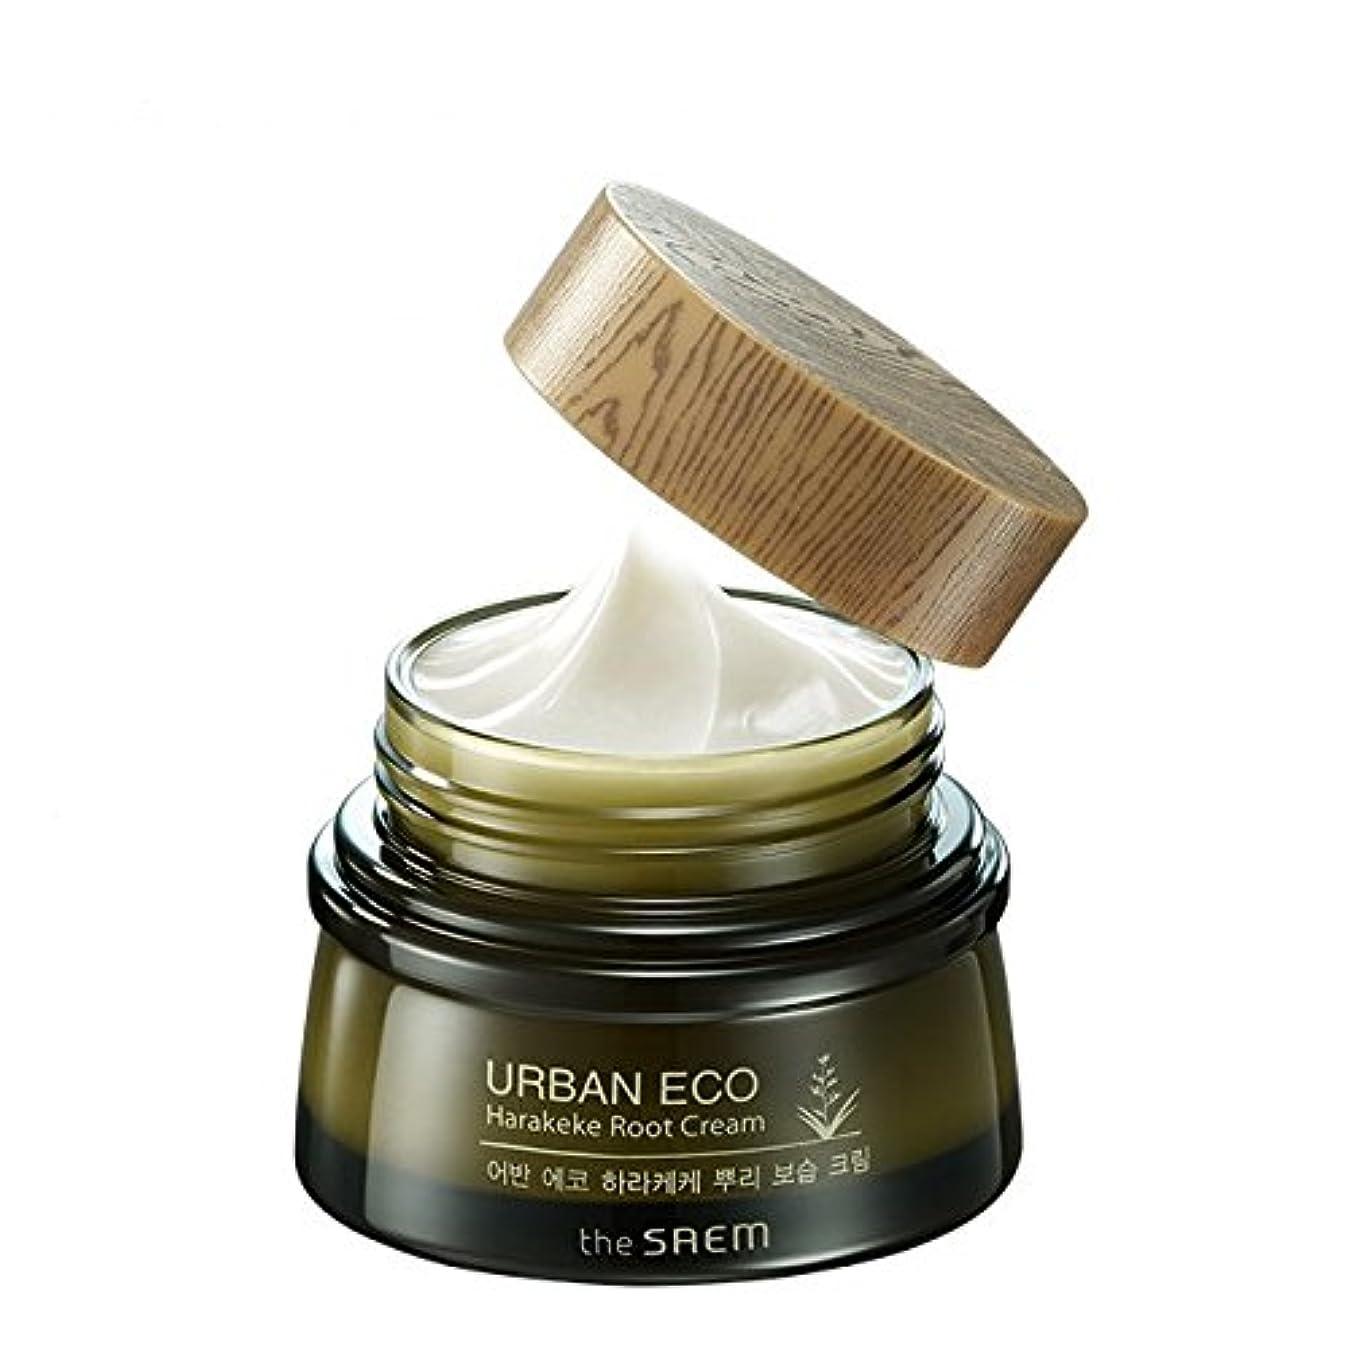 お茶説得力のあるベテラン[ザセム] The Saem [アーバンエコ ハラケケ 根保湿クリーム60ml (The Saem Urban Eco Harakeke Root Cream60ml)